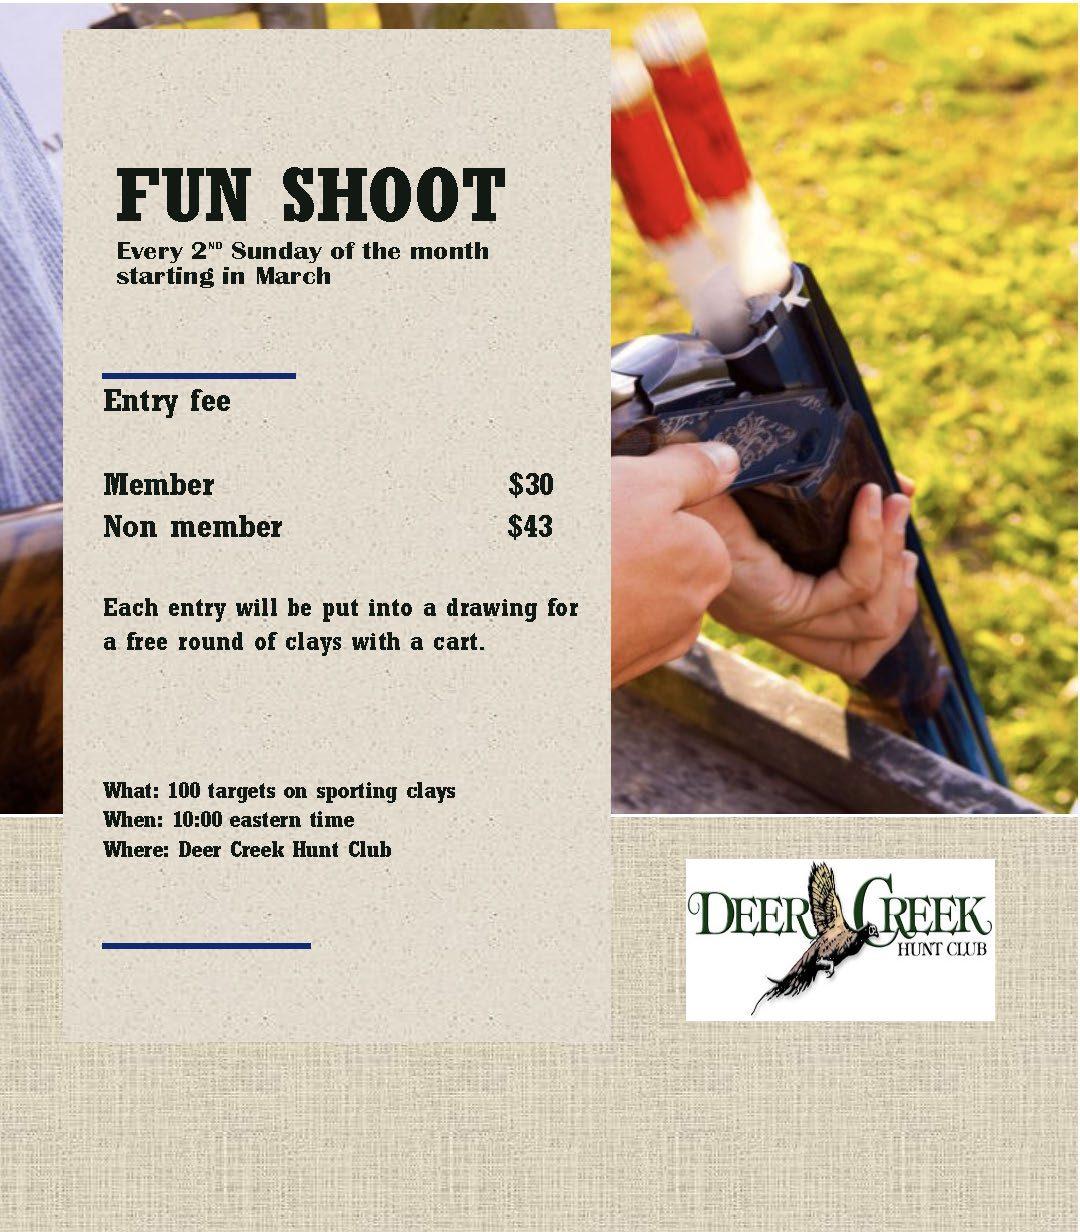 Fun Shoot Deer Creek